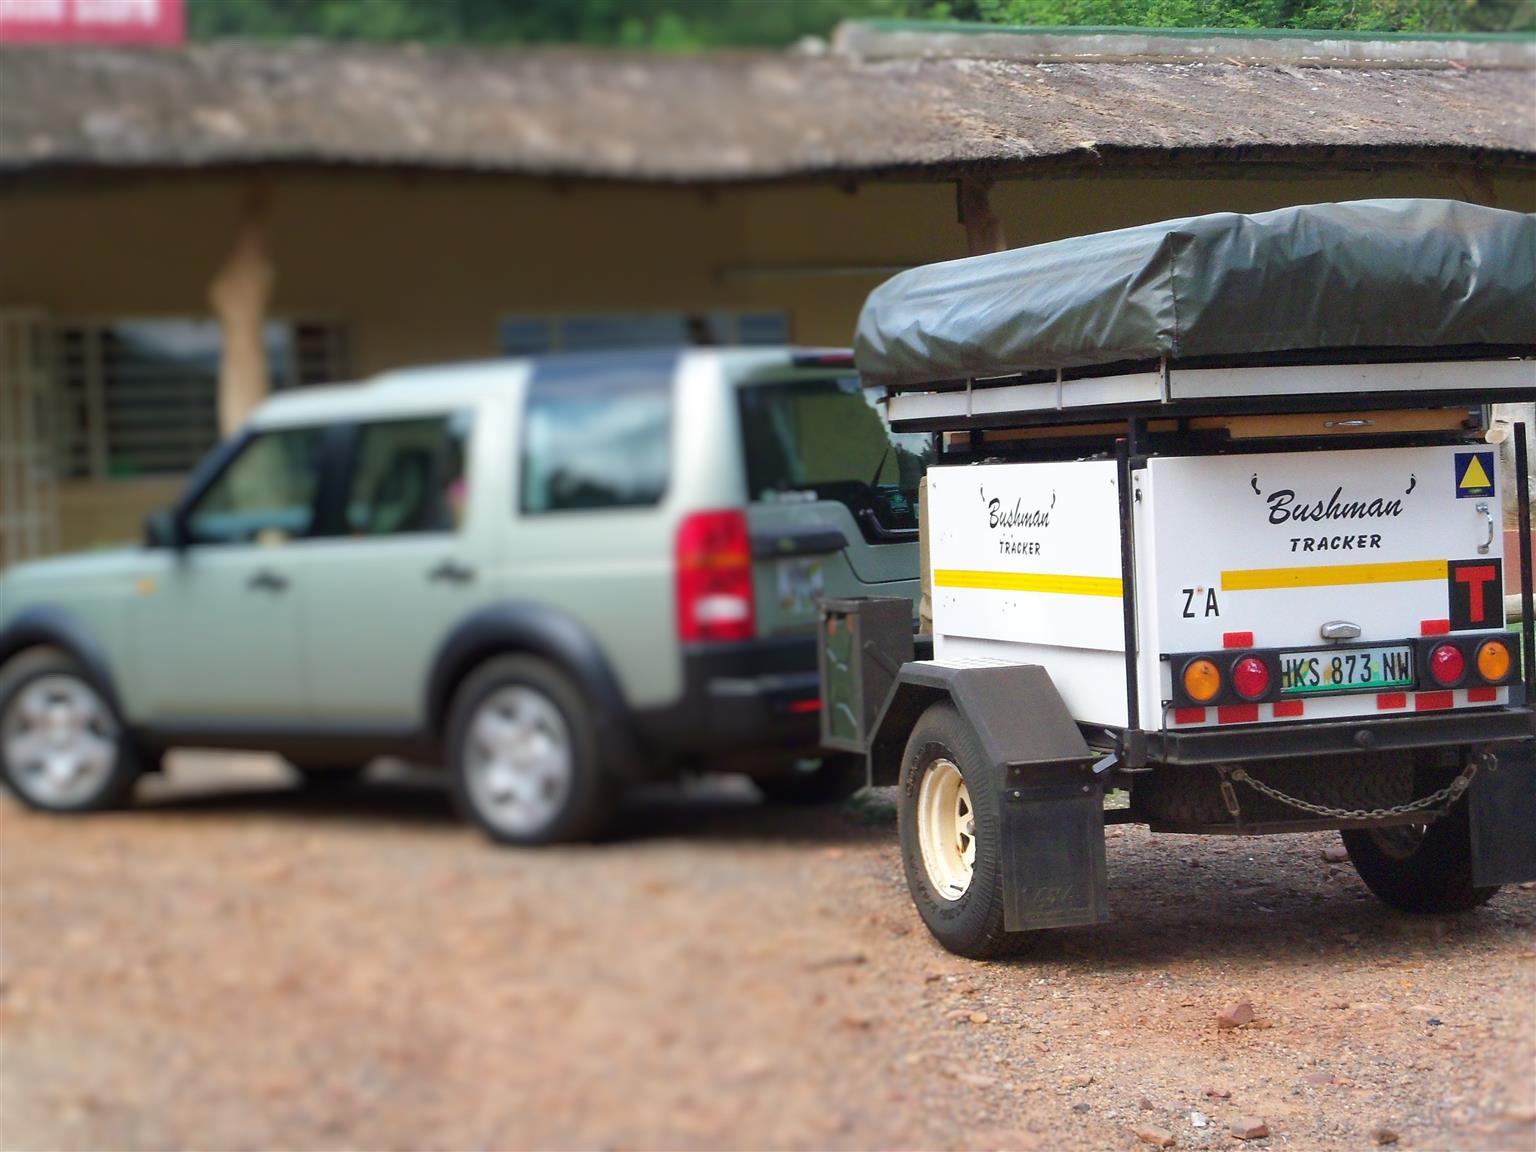 Bushman Tracker off-road trailer